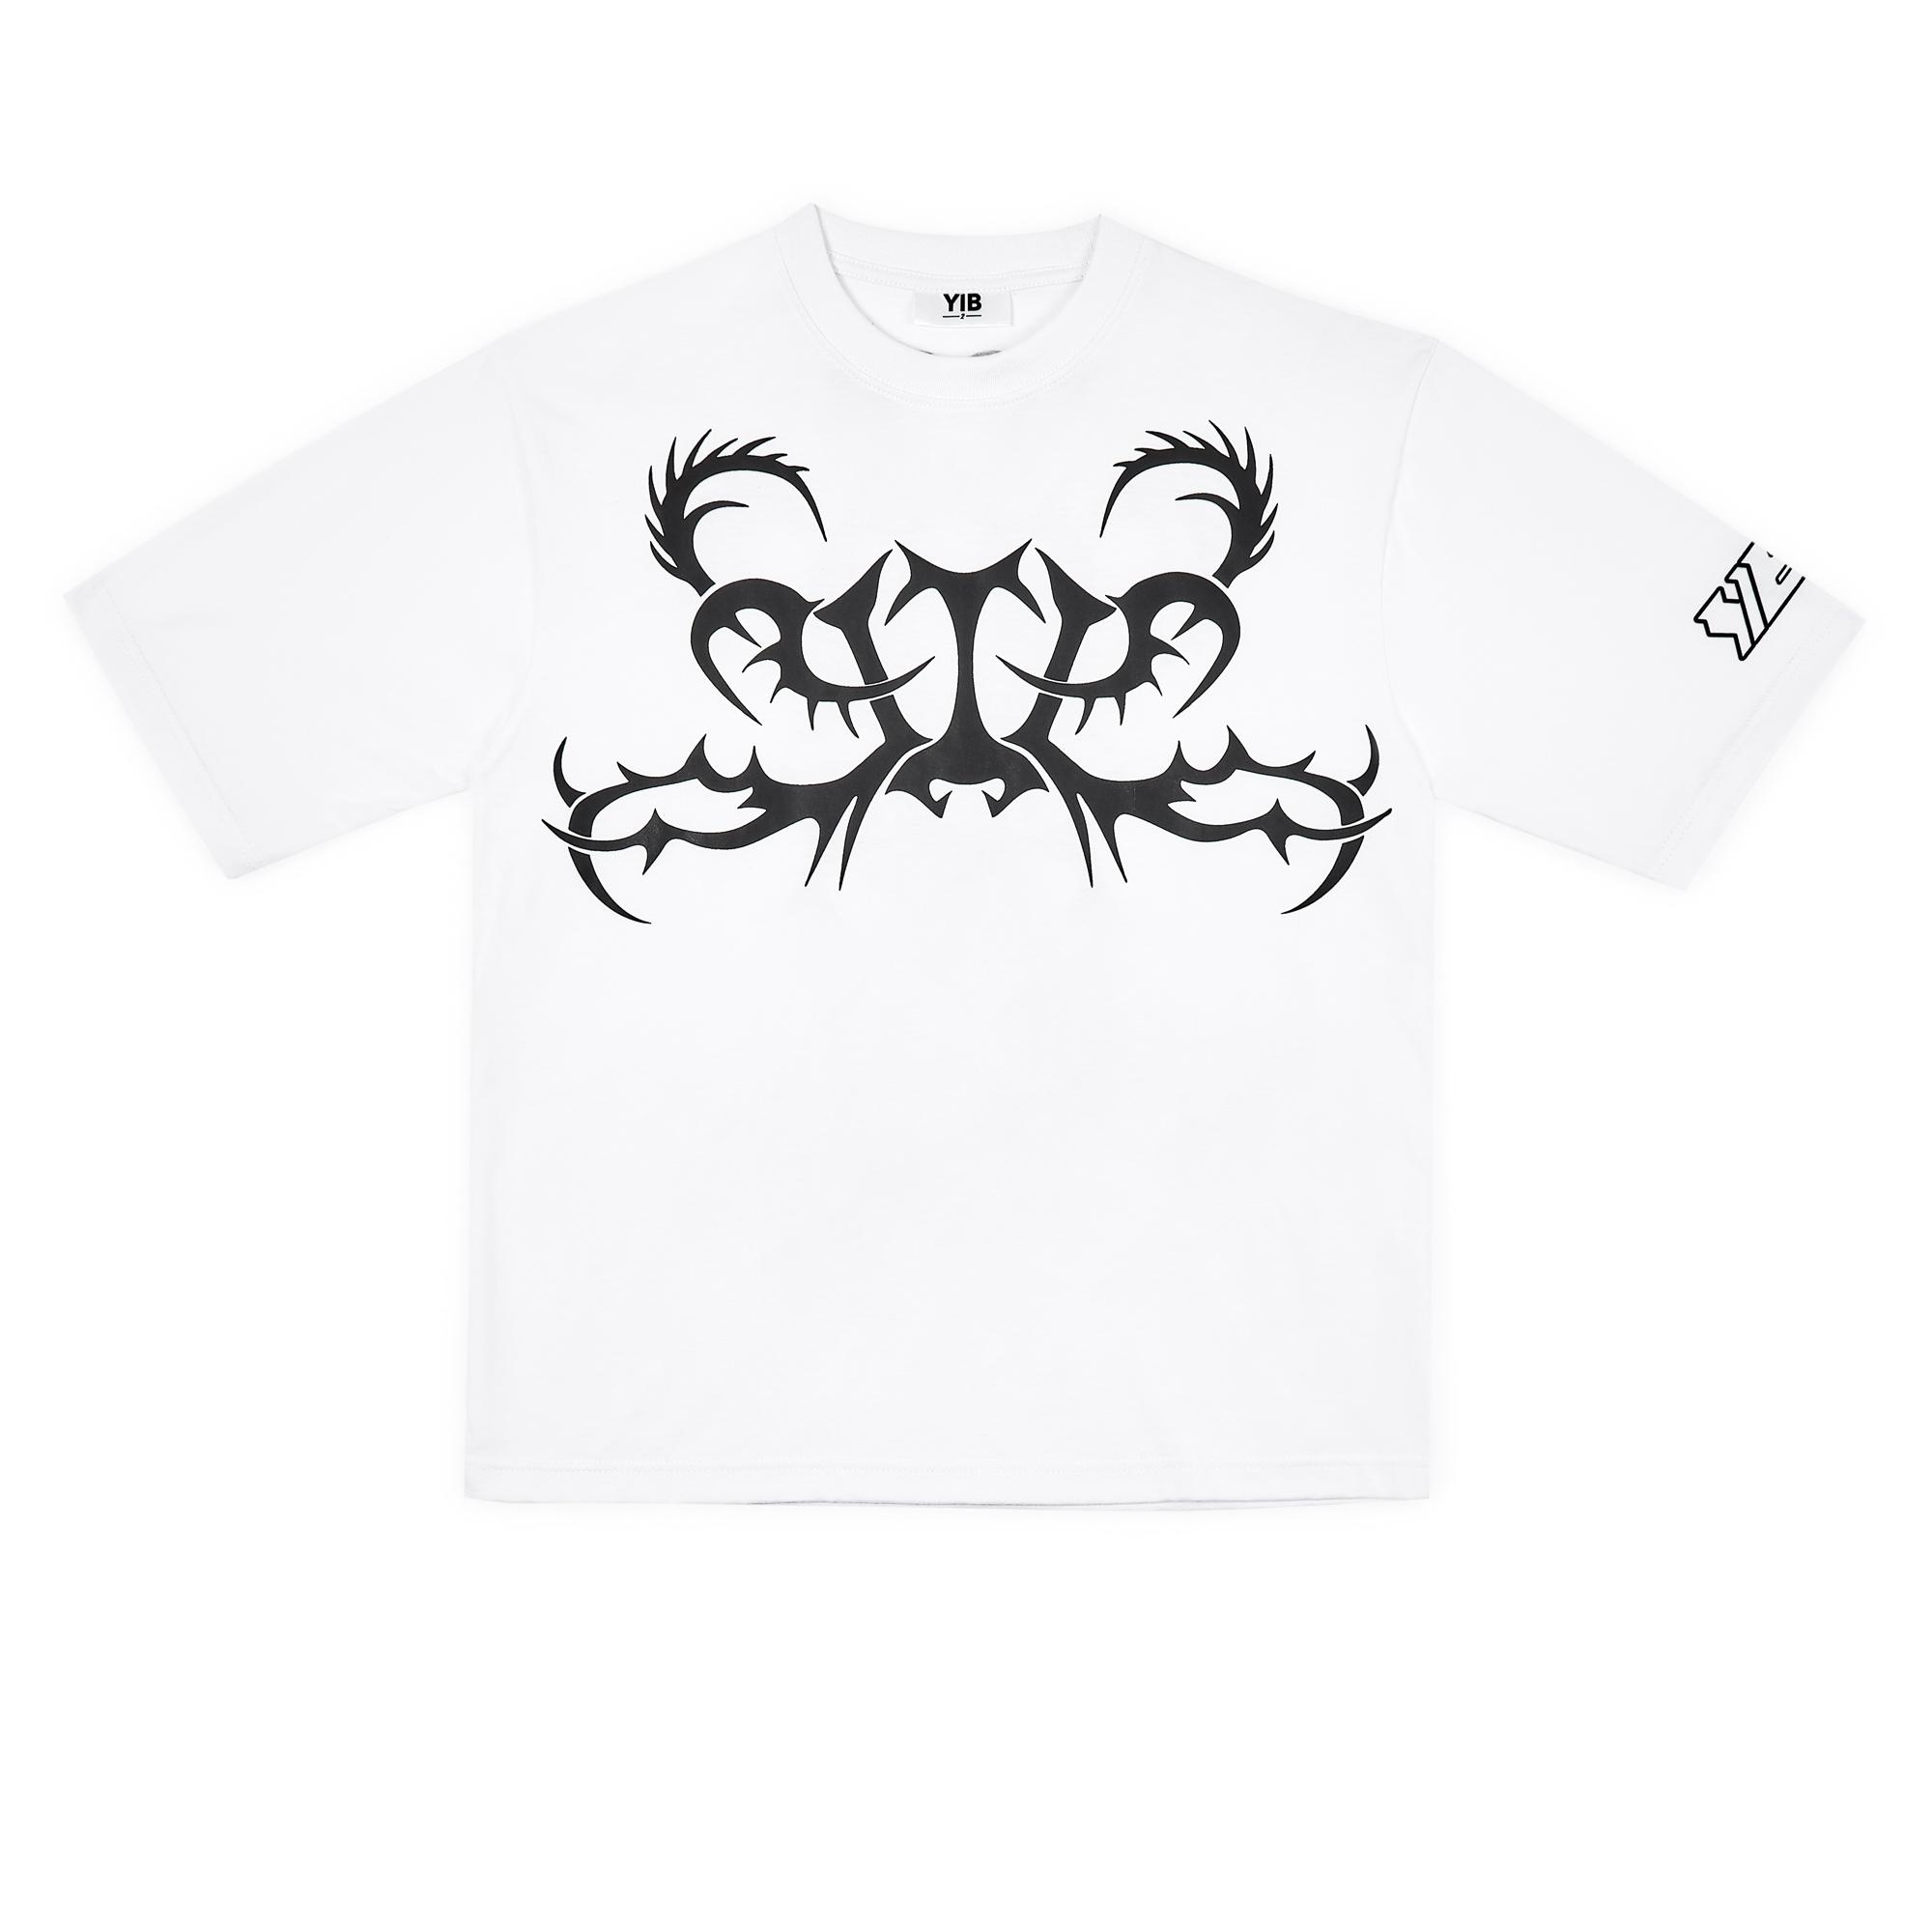 YOTR-T-shirts_YIB_174.jpg